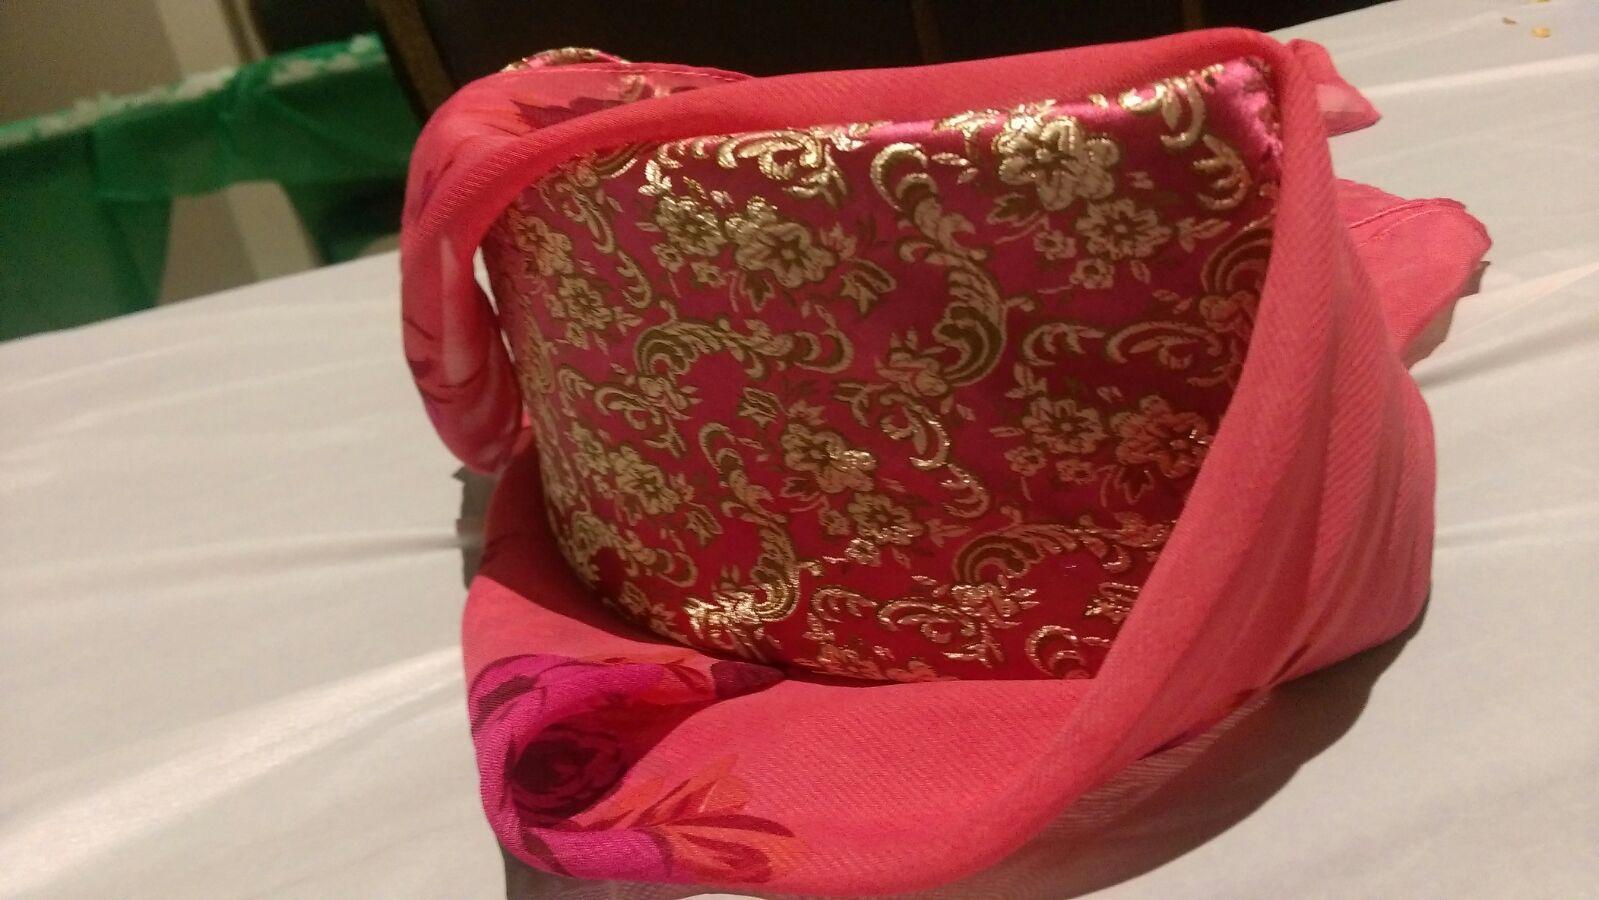 Yemen المصر آلى ترى الاصلي عسجه العرده المصر الطالعي و المصر النازلي من التراث آليمني القديم و الاصيل Baby Car Seats Car Seats Diaper Bag